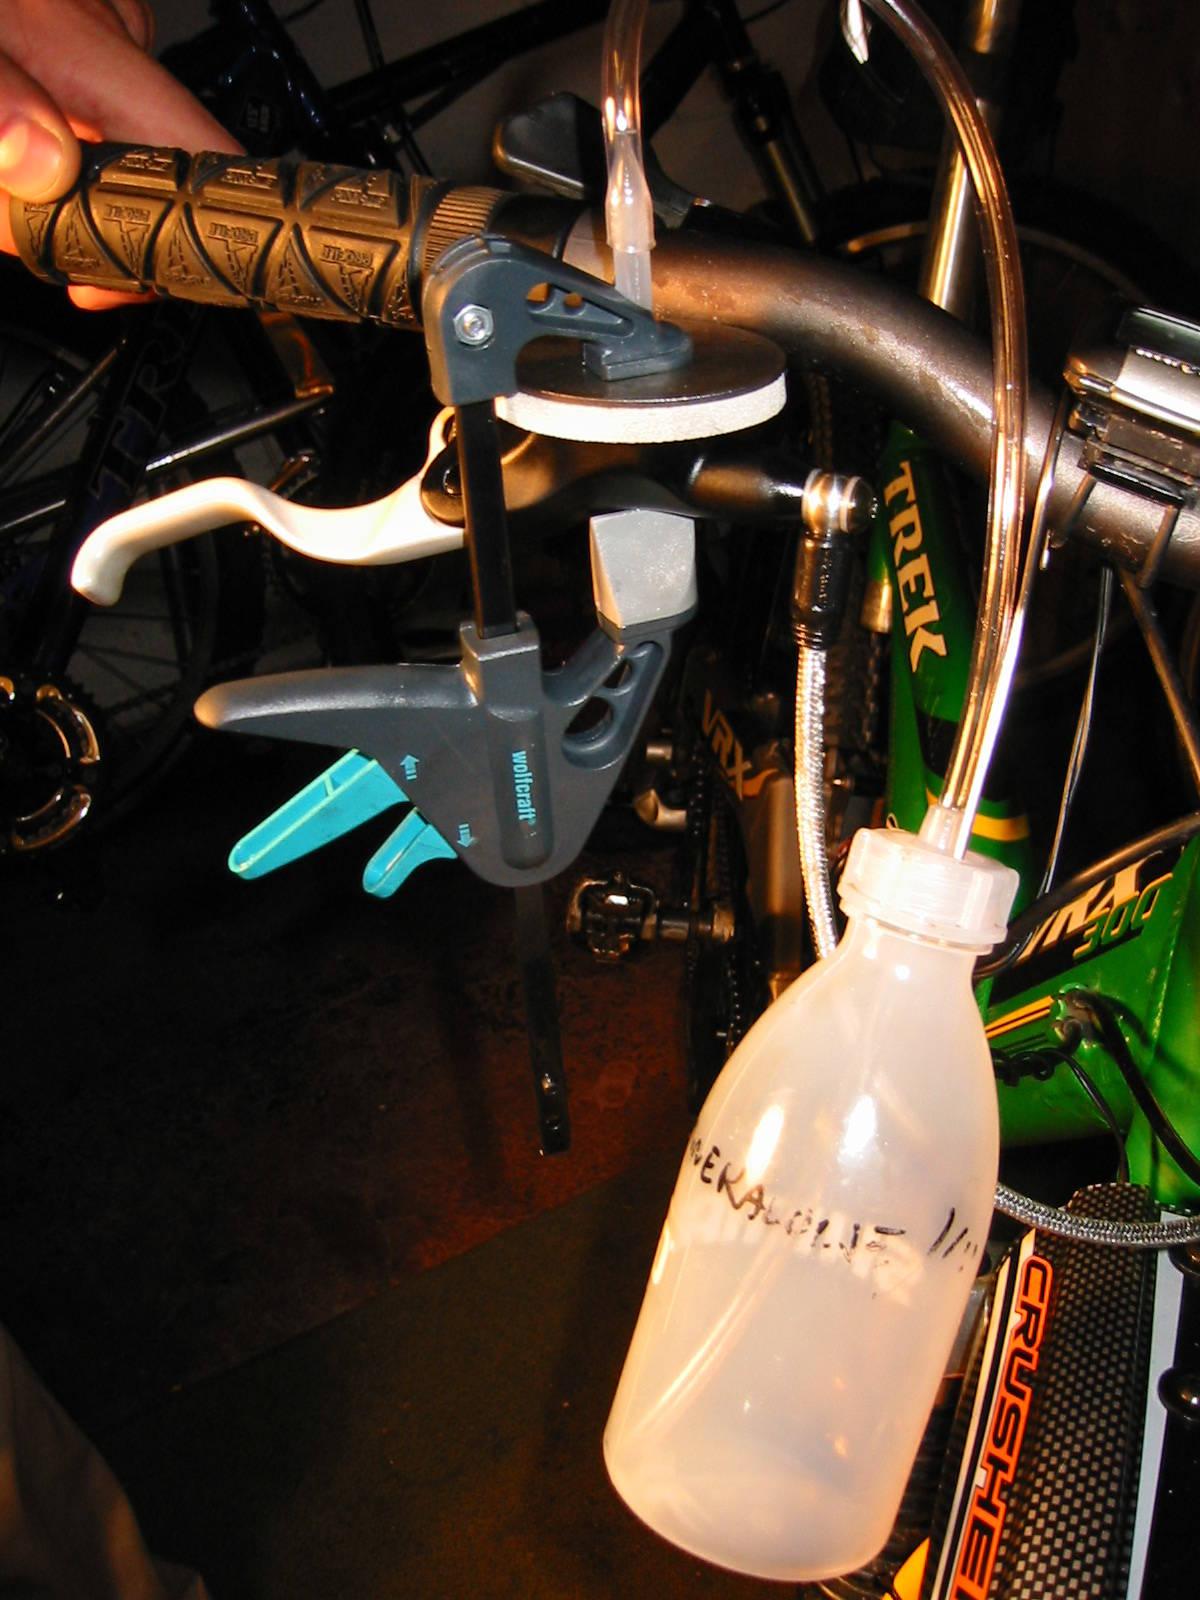 Dette hendige luftesettet koster 698,- kan bestilles hos din lokale sykkelforhandler